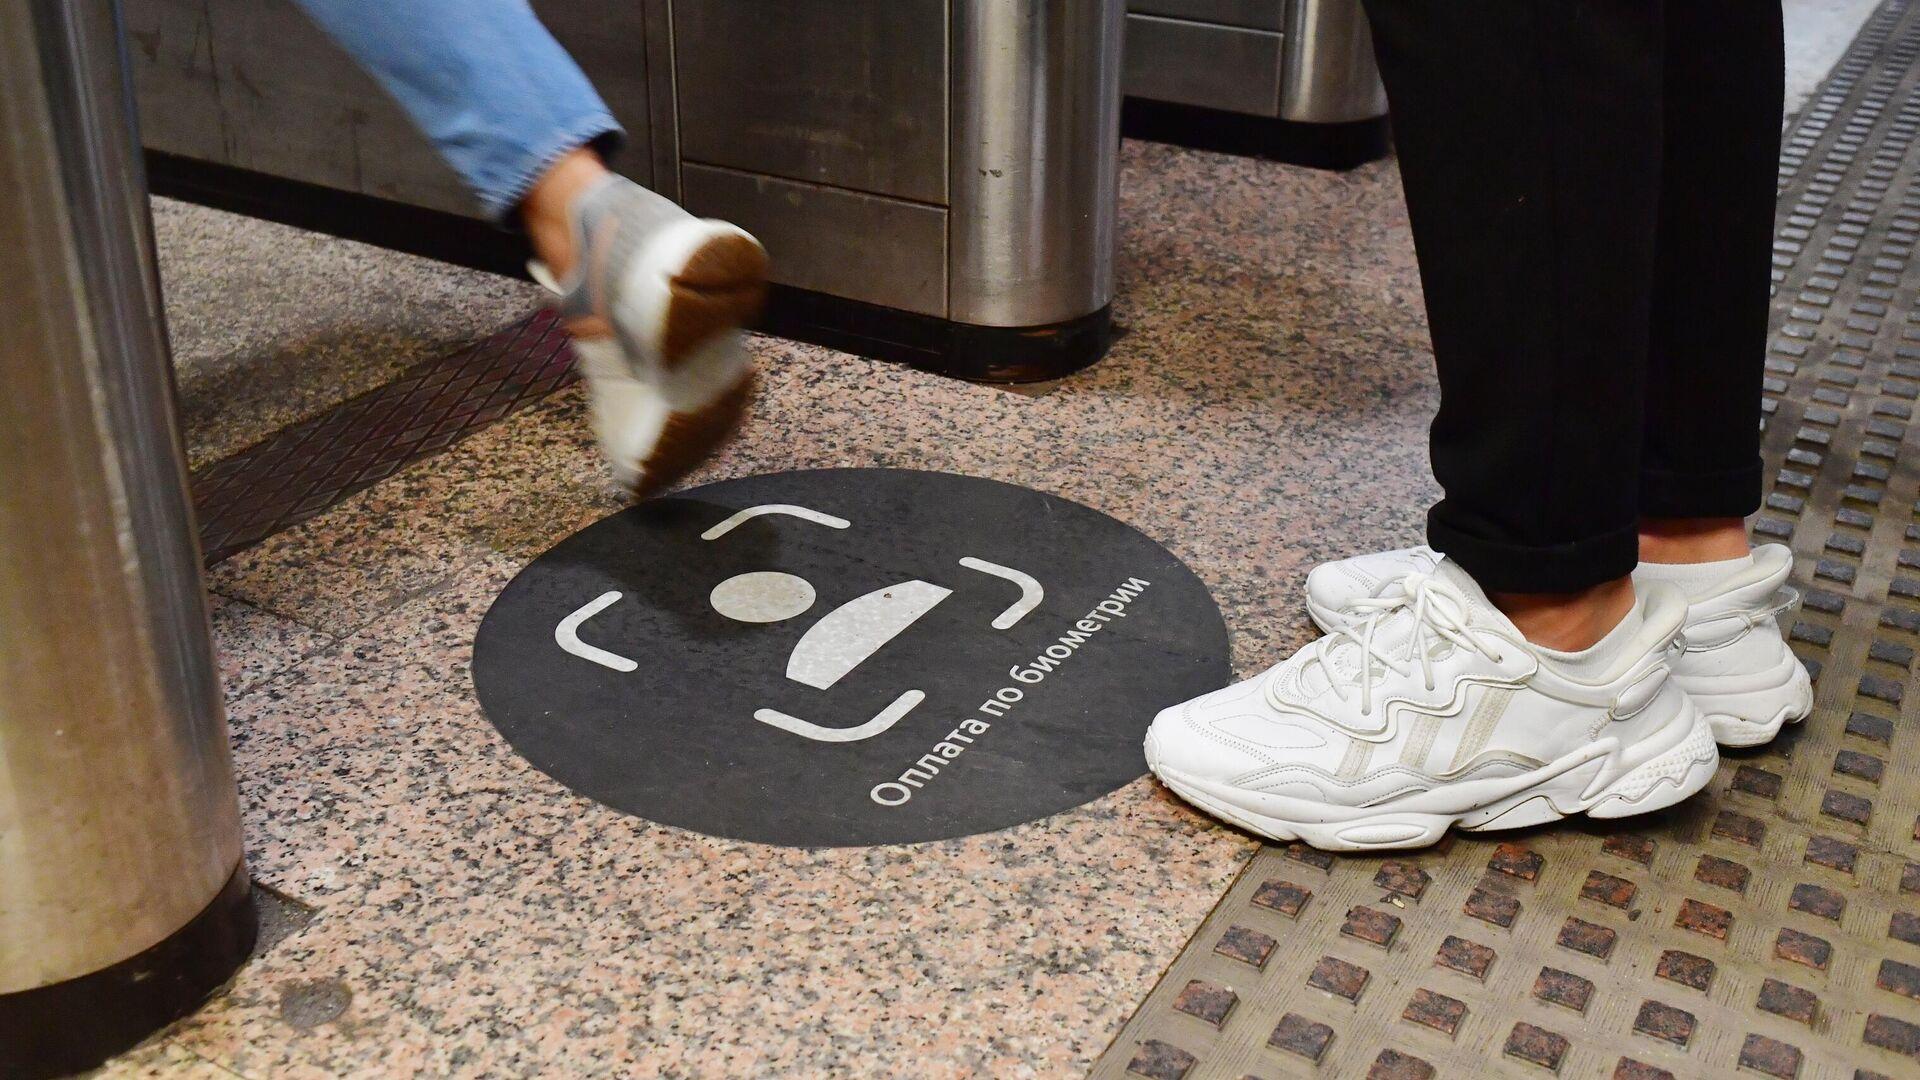 Пассажиры проходят через турникет с новой системой Face Pay для оплаты проезда по лицу на Филевской линии Московского метрополитена - РИА Новости, 1920, 13.09.2021